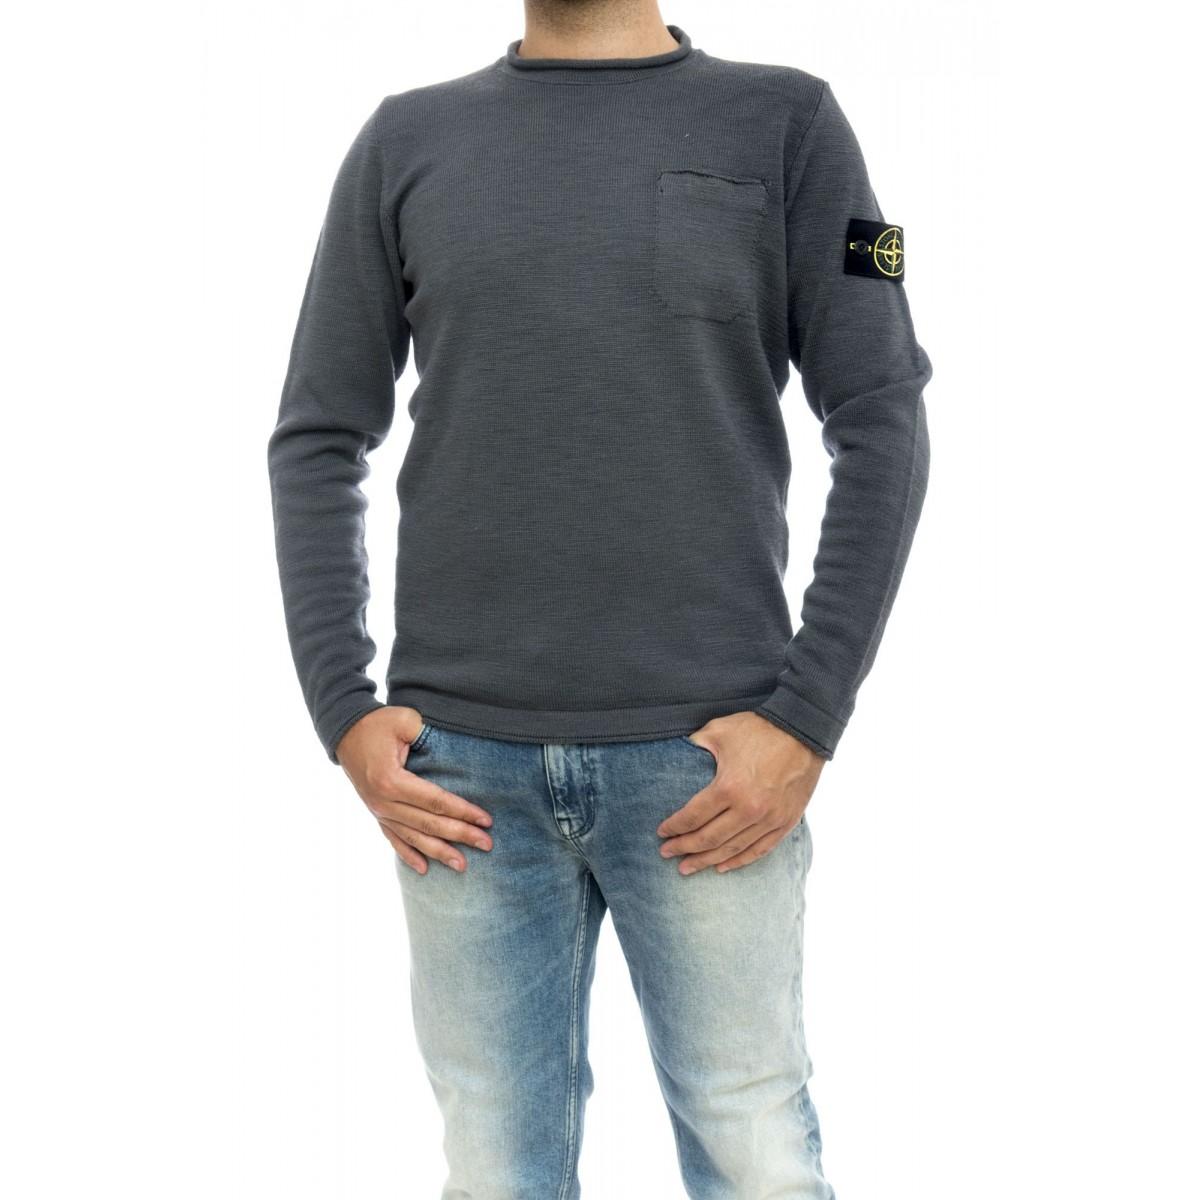 Maglia uomo - 533d7 collo rullino 100% lana